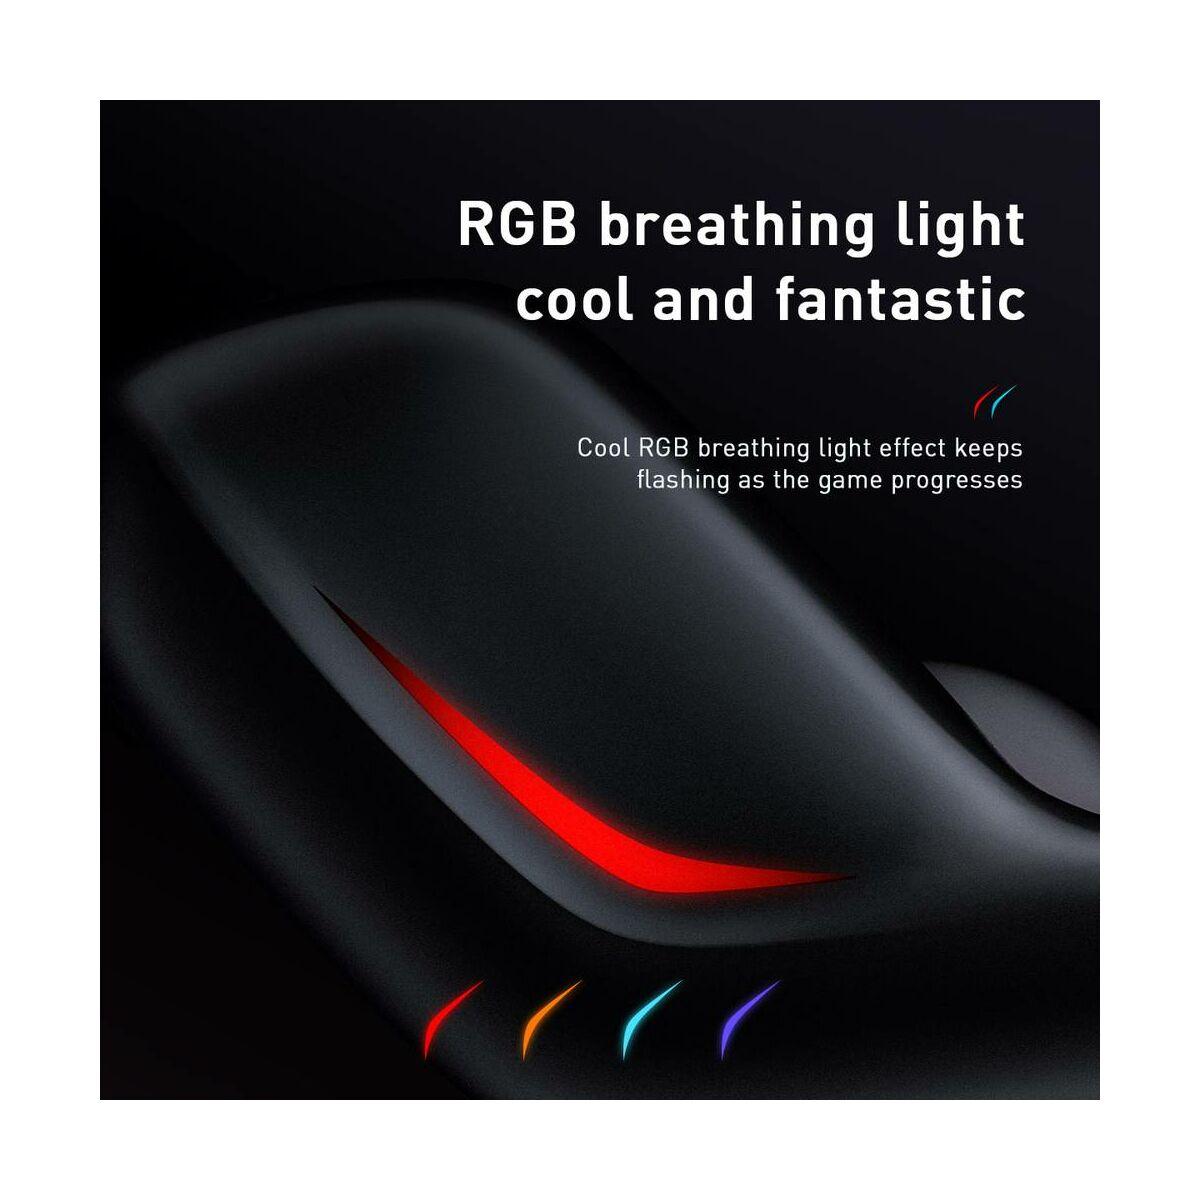 Baseus fülhallgató, GAMO C18, Immersive Virtual 3D mobil játékokhoz, vezetékes, Type-C csatlakozóval, piros (NGC18-09)